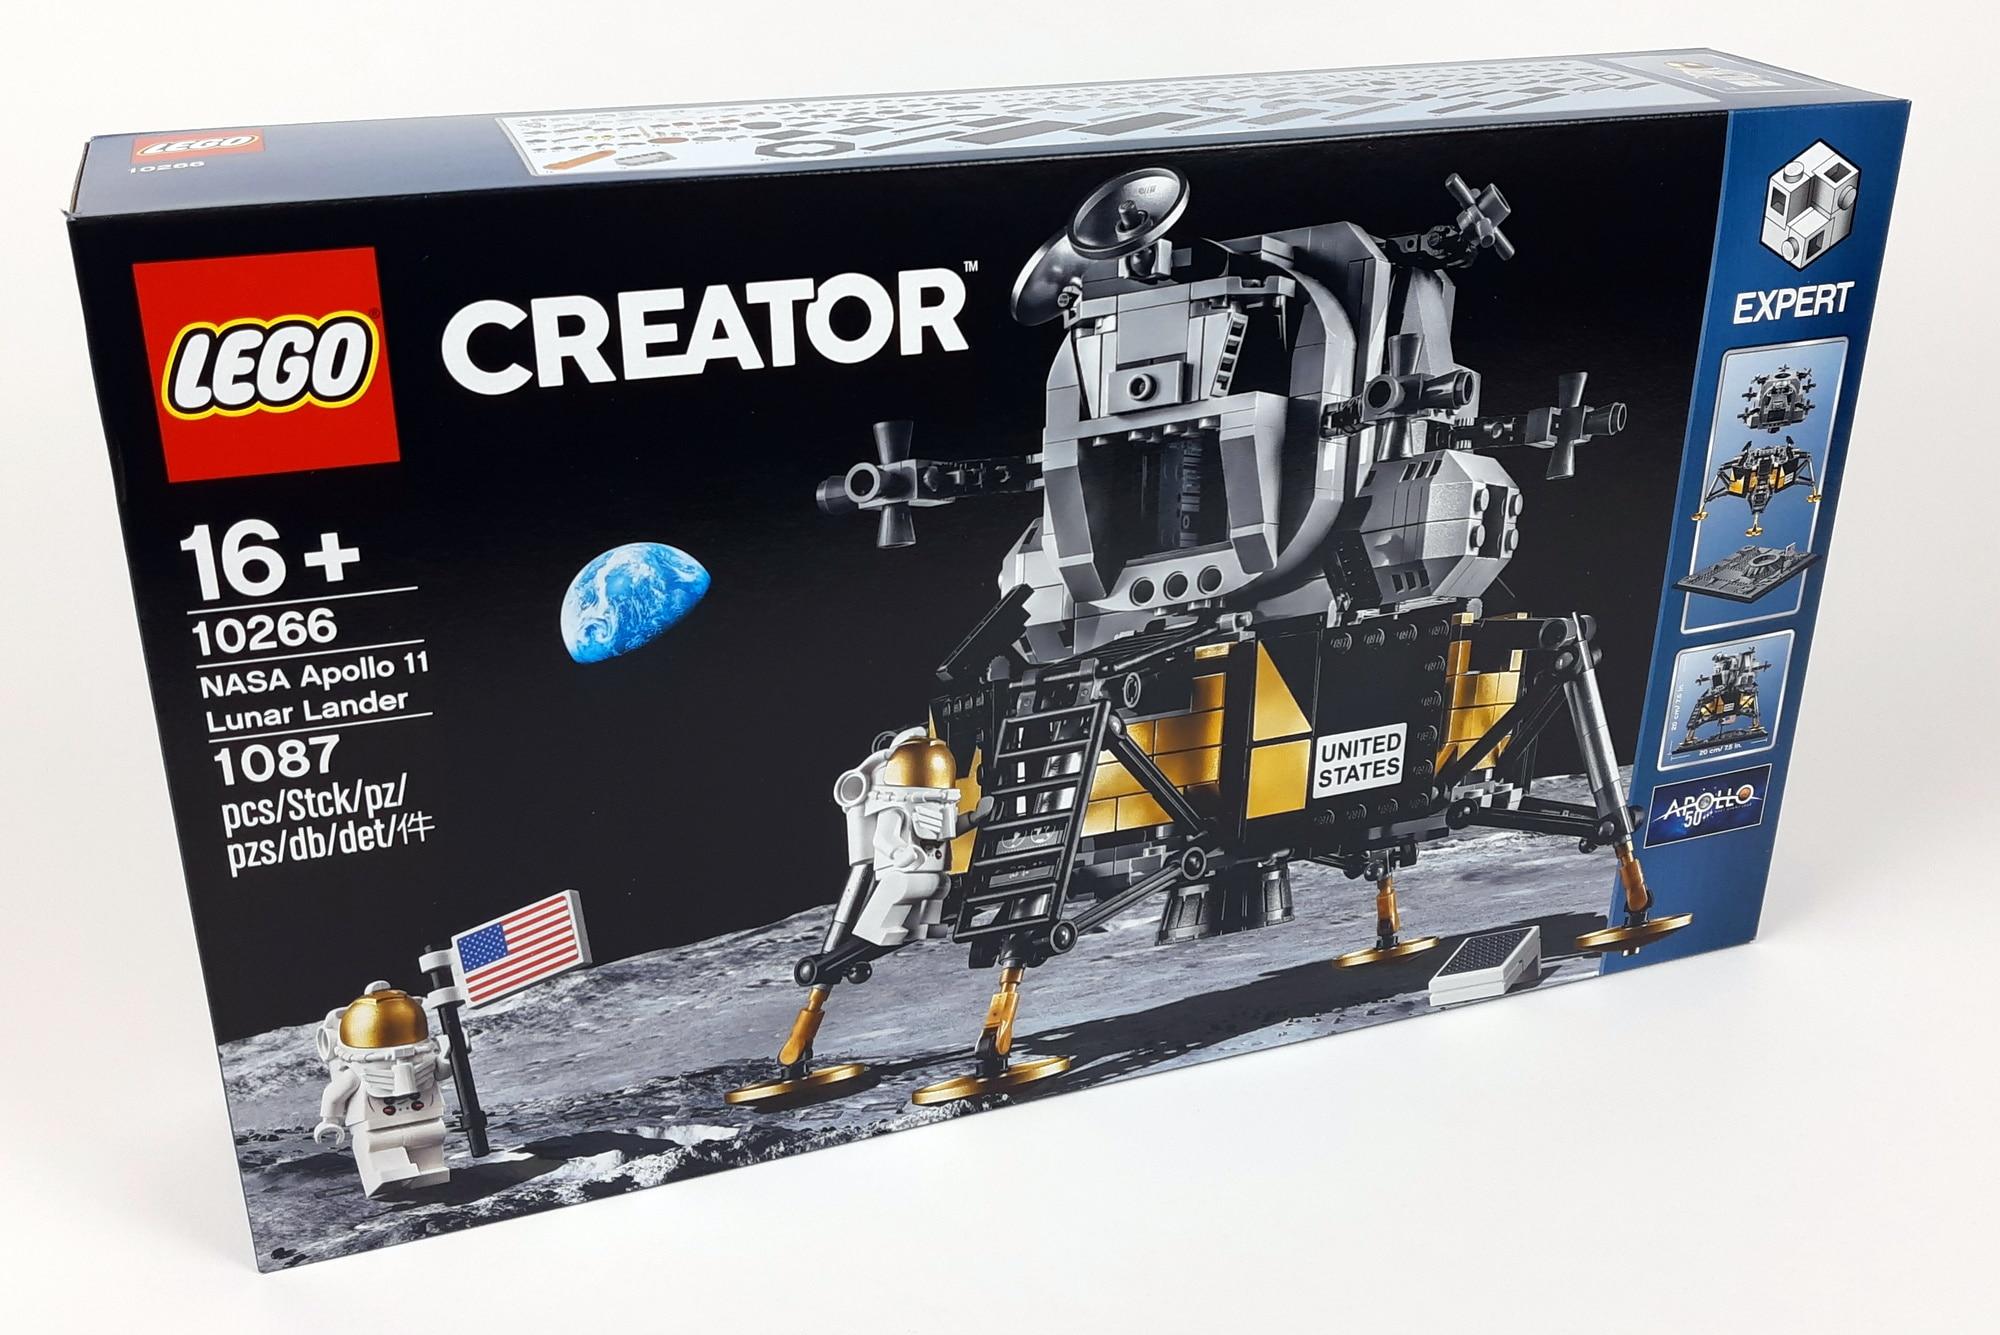 LEGO 10266 Nasa Apollo 11 Mondlandefähre - Box vorne